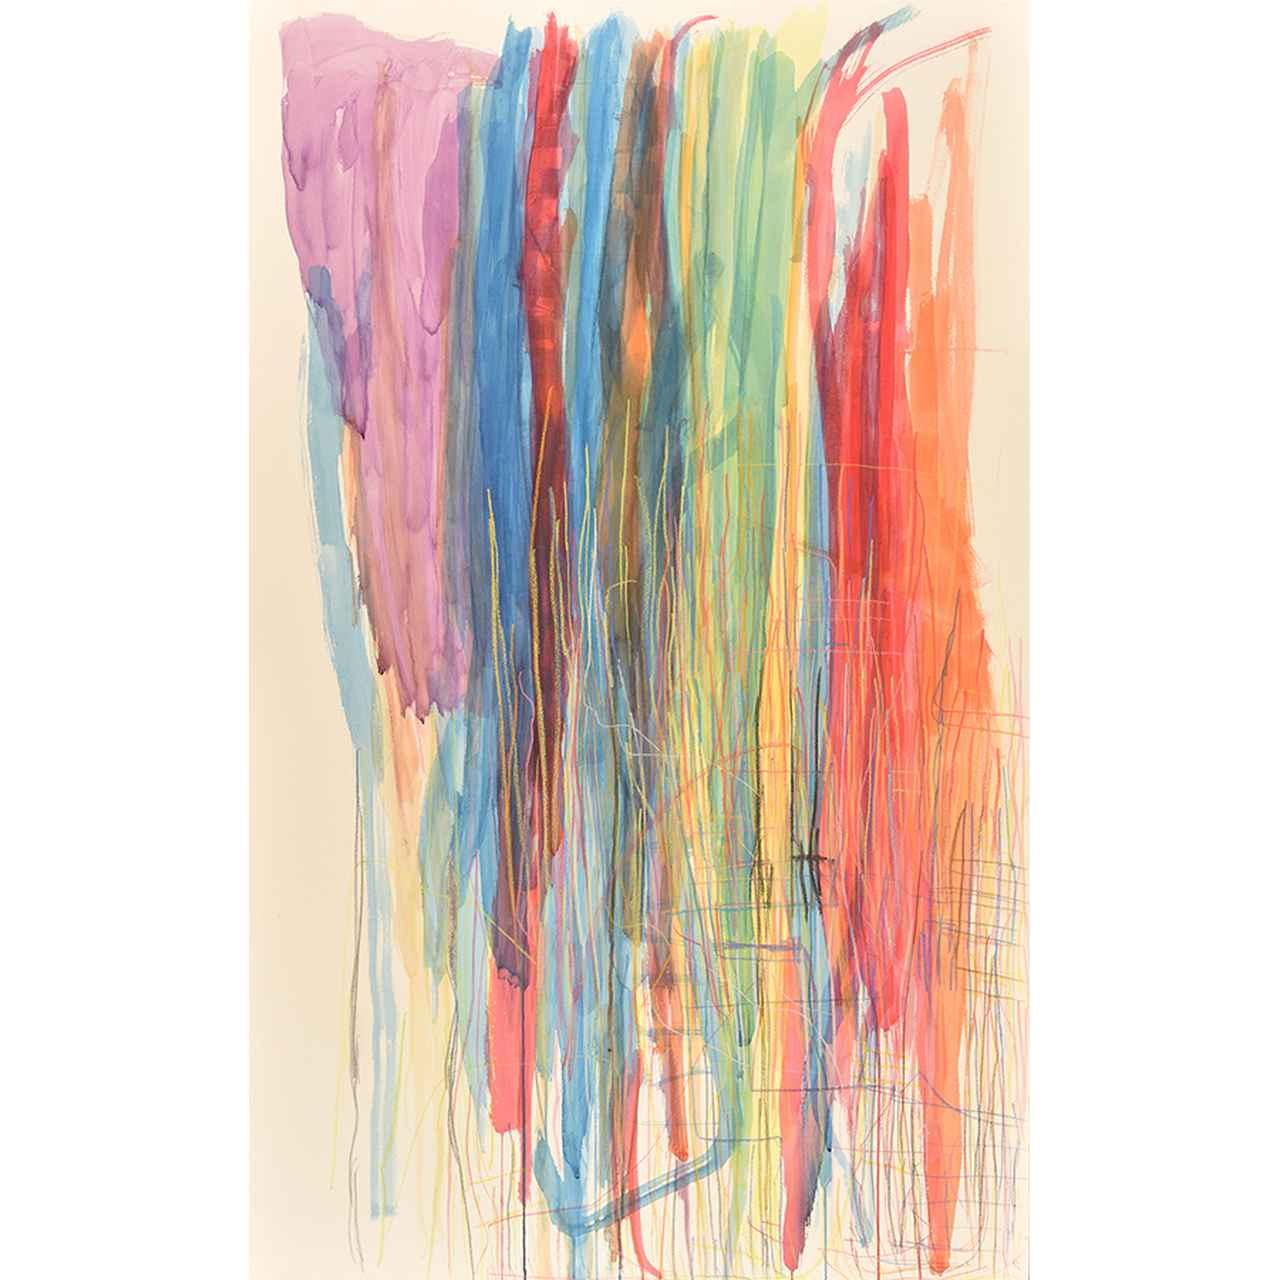 Images : 『あるがままのアート』|東京藝術大学大学美術館